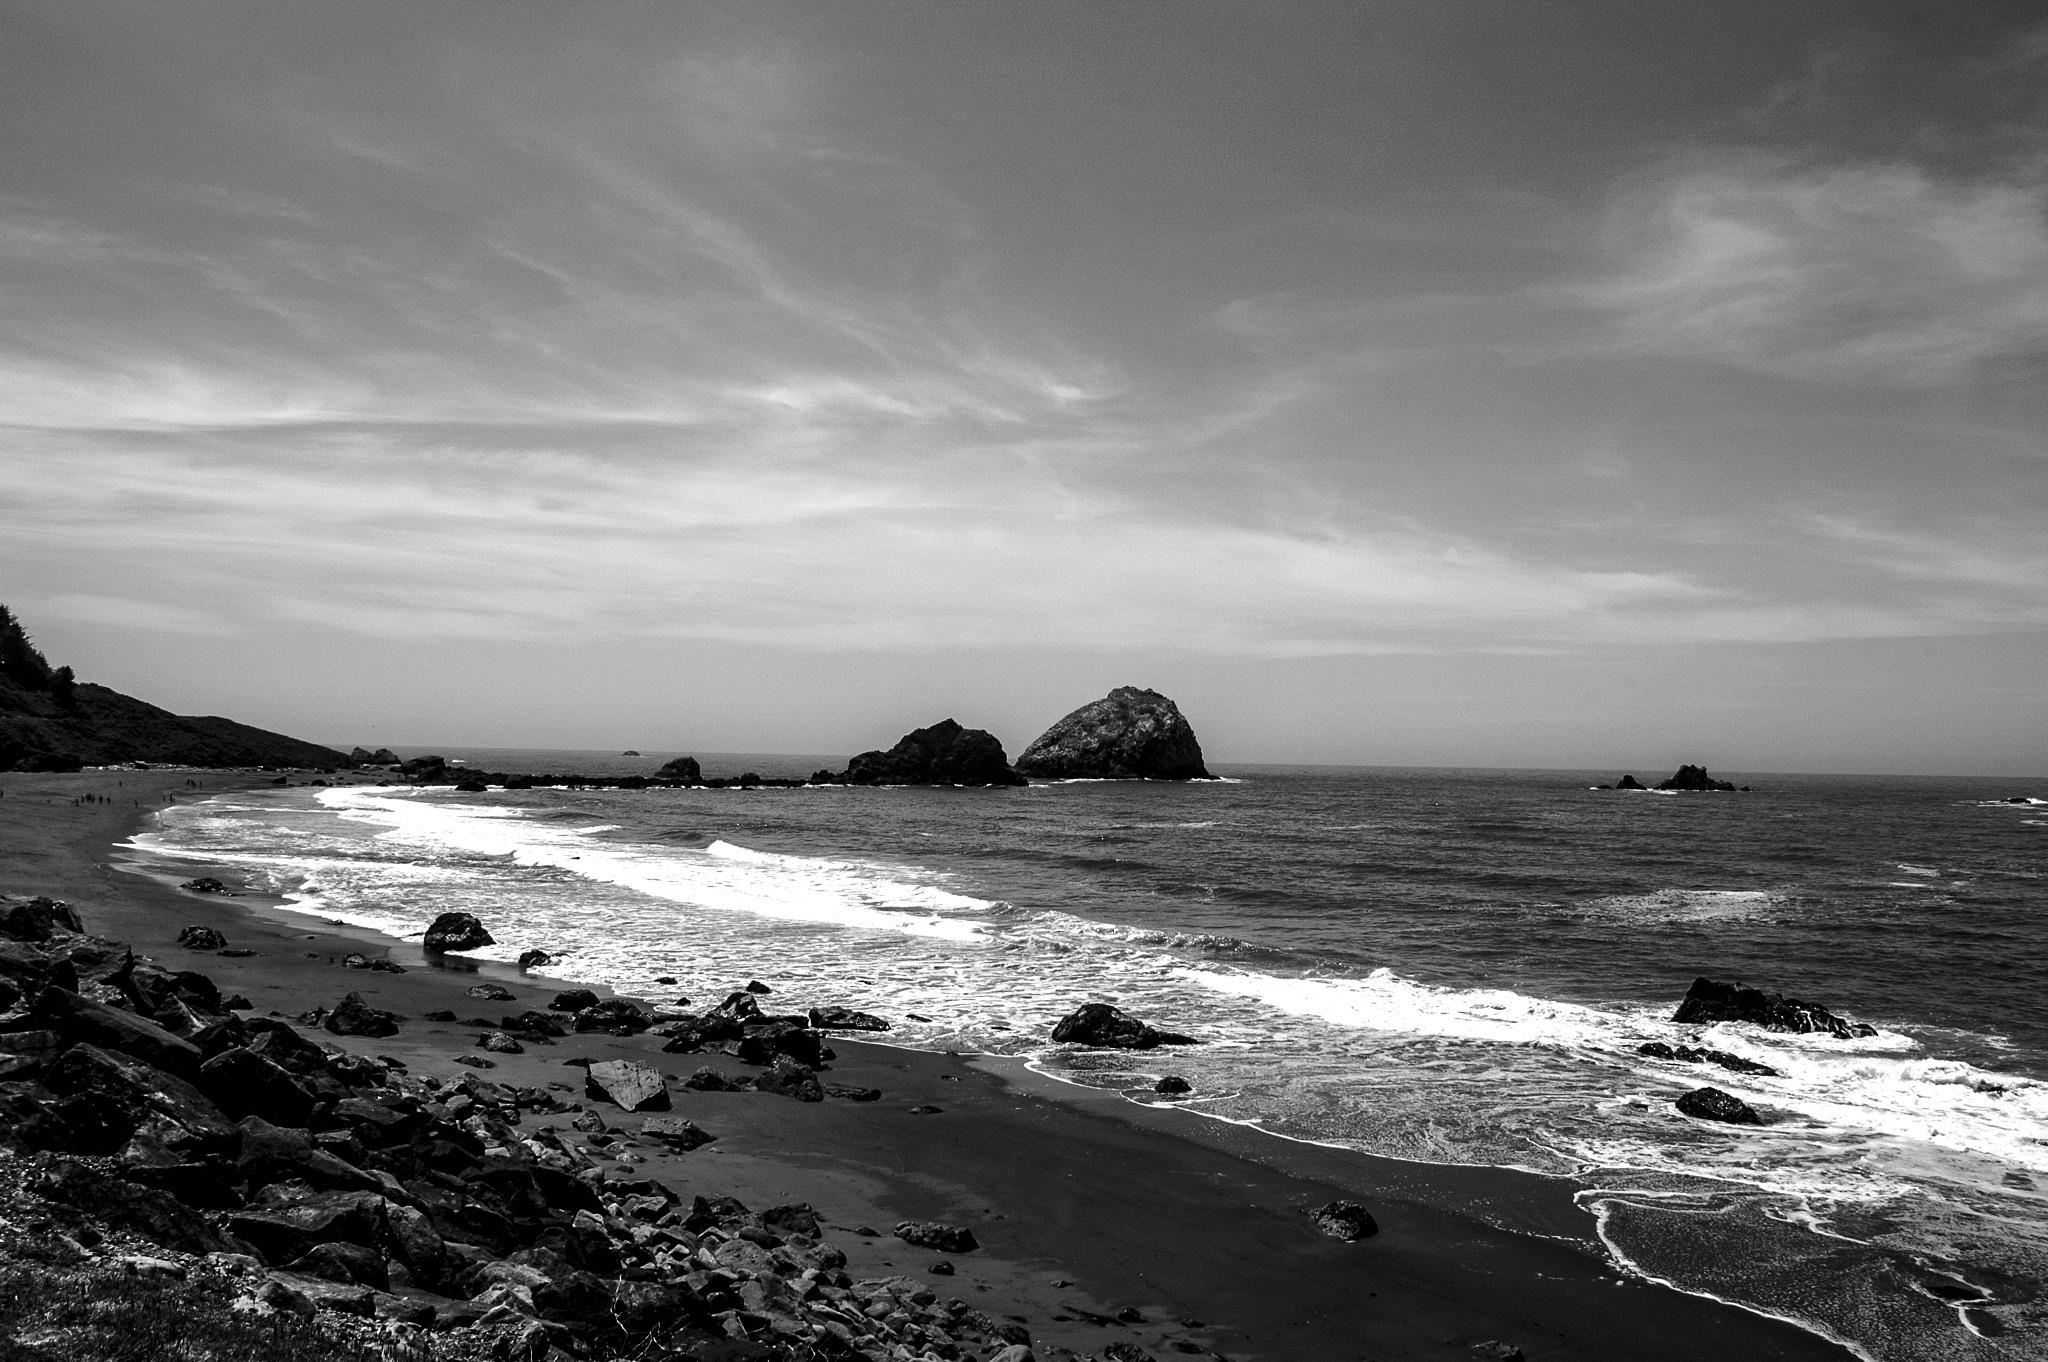 Oregon coastline by sonny_roger_sonneland